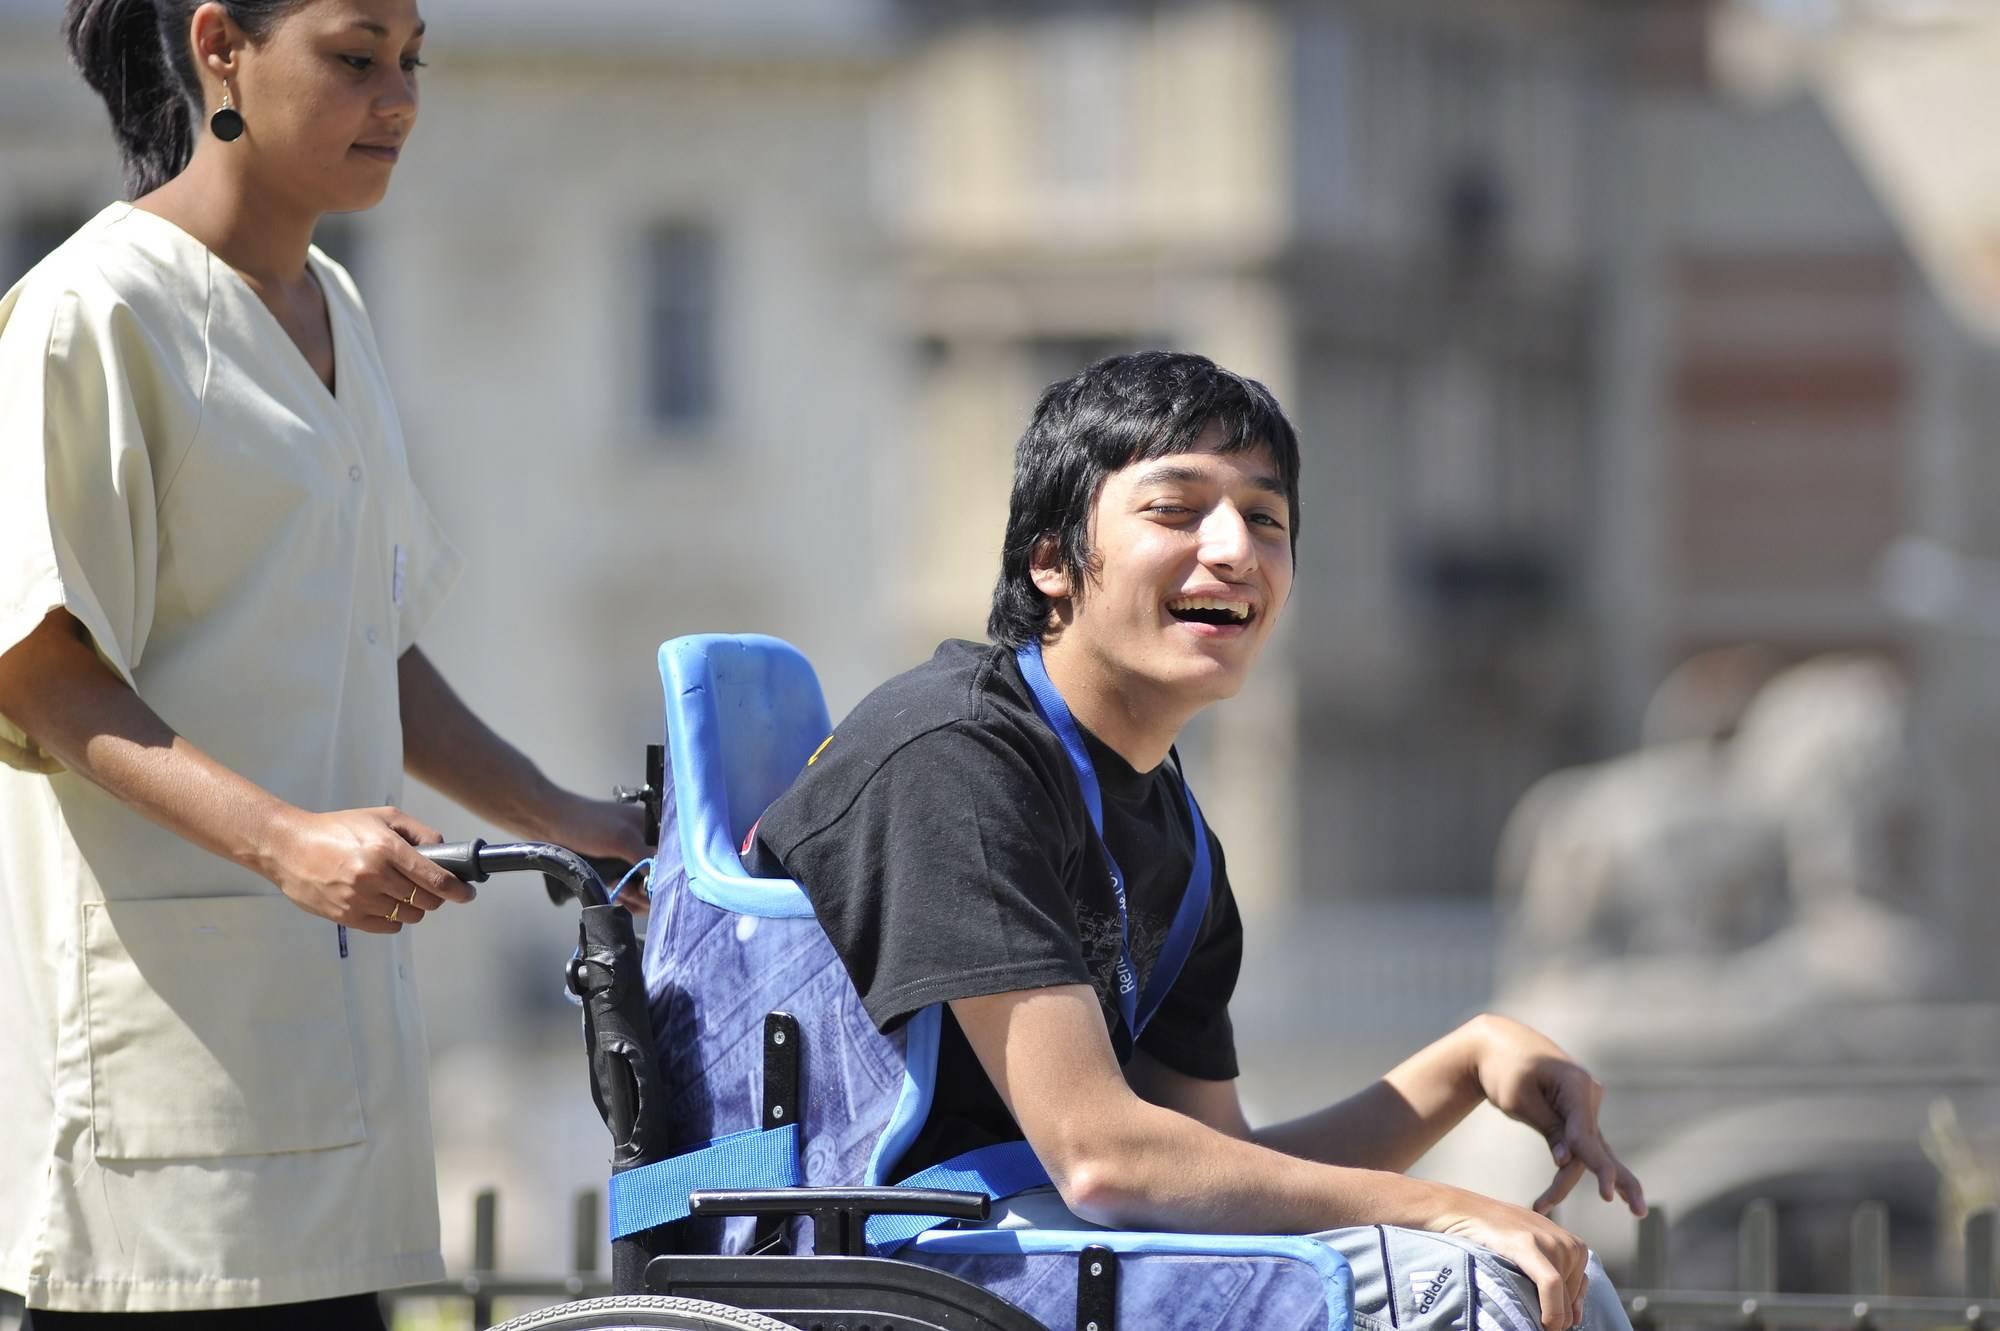 arcade accompagne les personnes handicapées